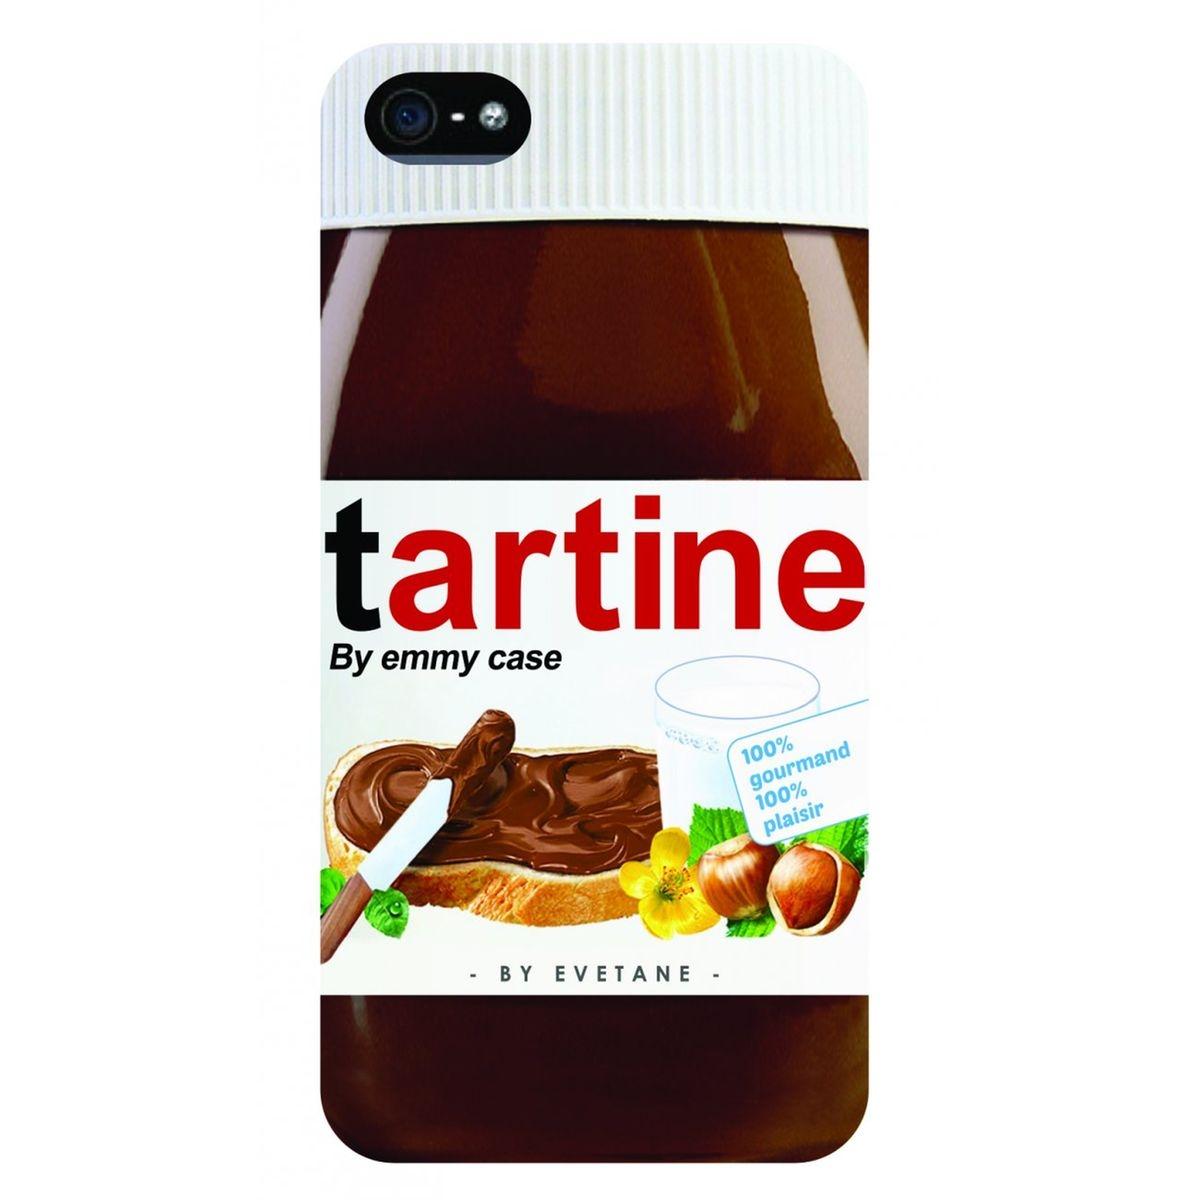 Coque iPhone SE / 5S / 5 rigide transparente, Tartine, Evetane®